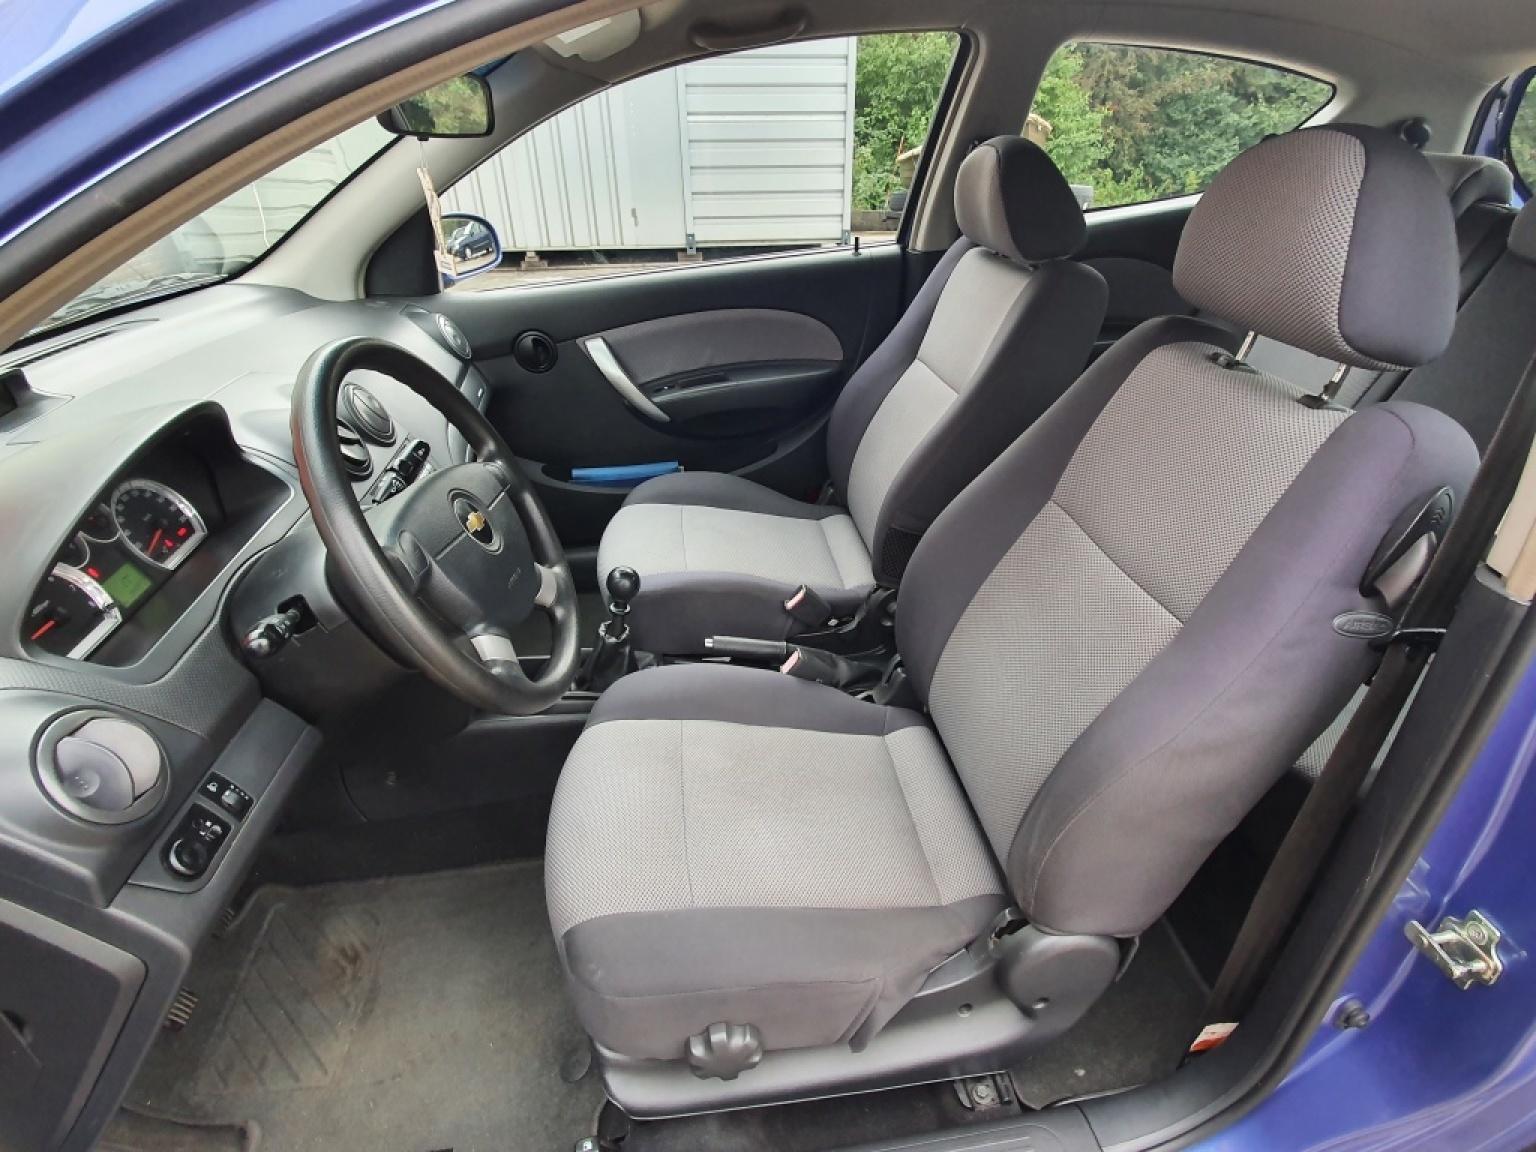 Chevrolet-Aveo-7